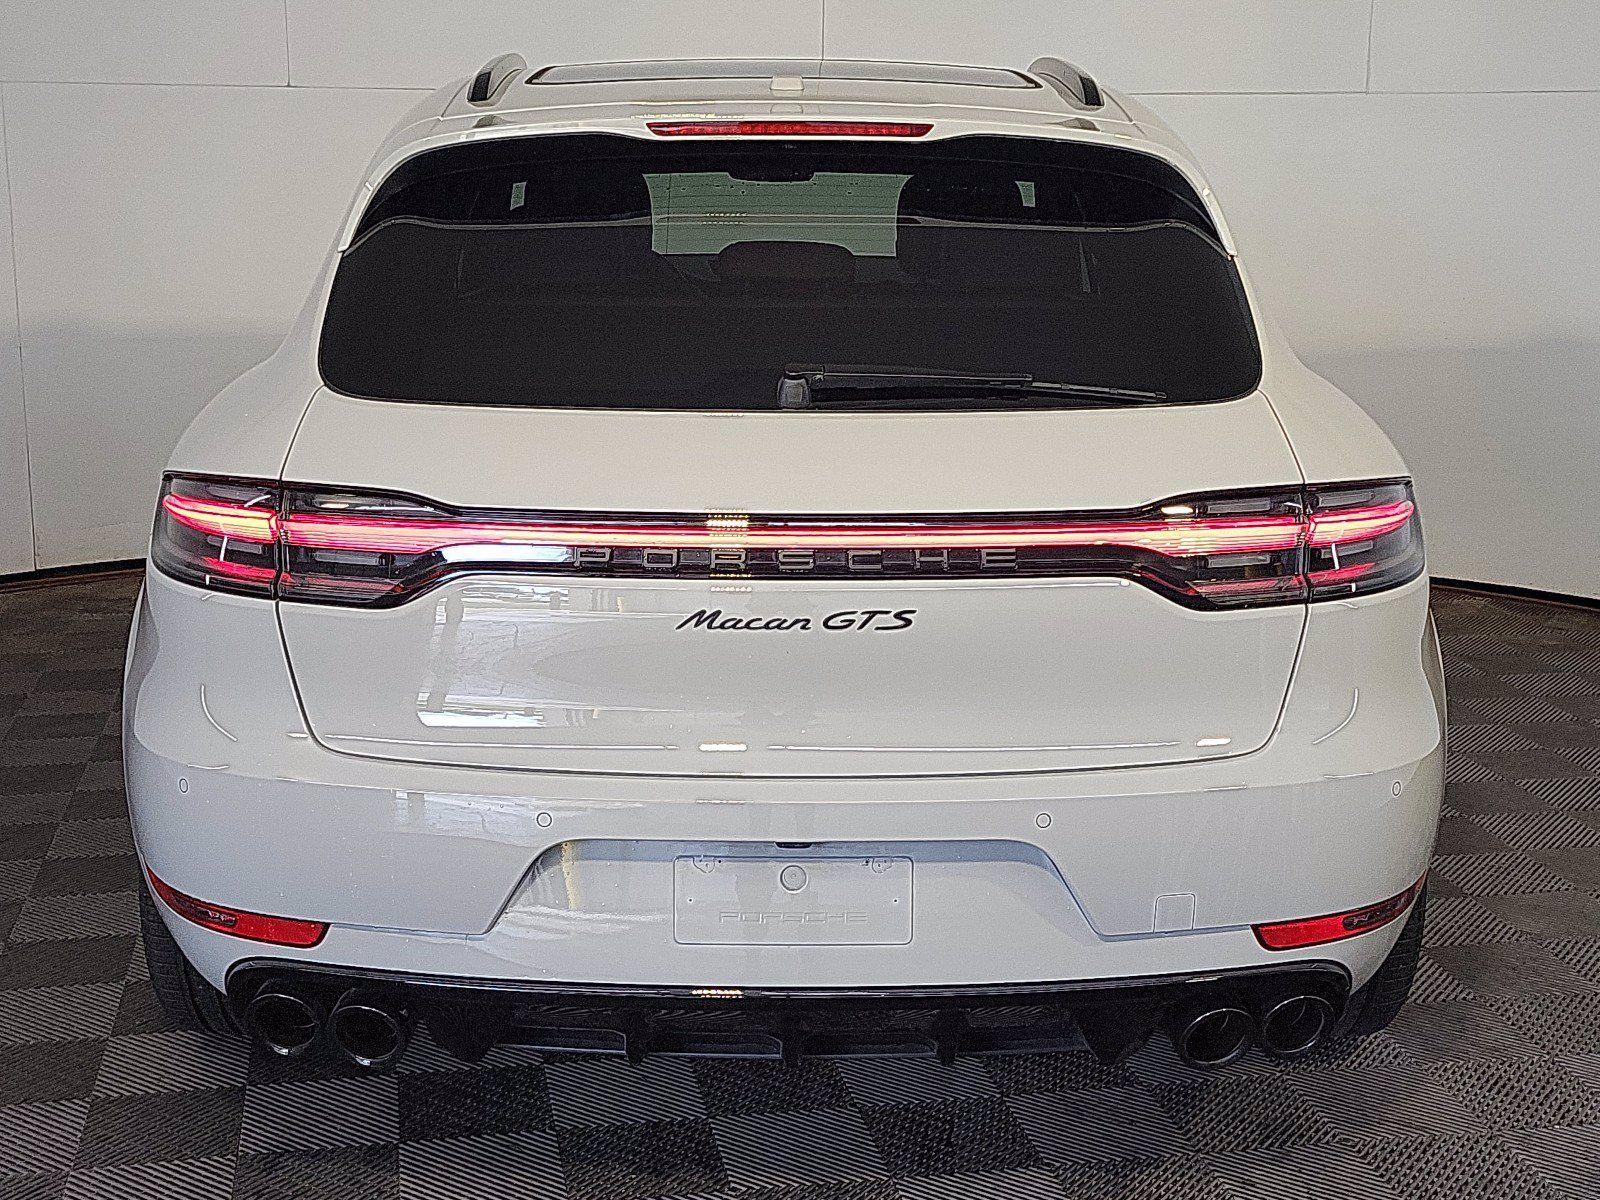 2020 Porsche Macan GTS – 2